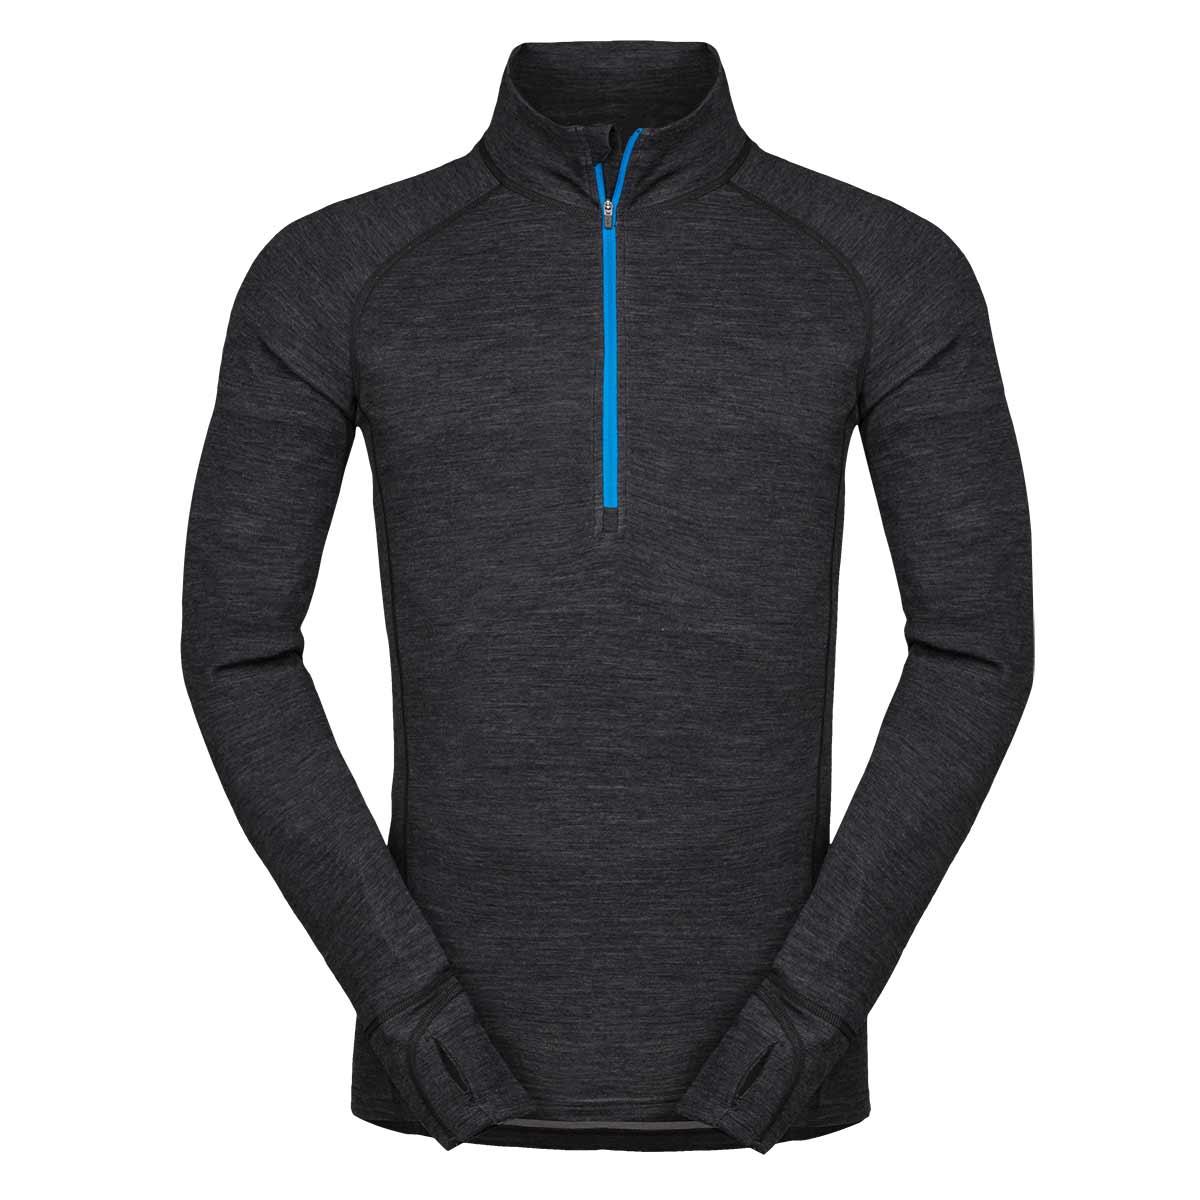 Pánske tričko Zajo Bergen Merino Zip Top LS Black - veľkosť XS